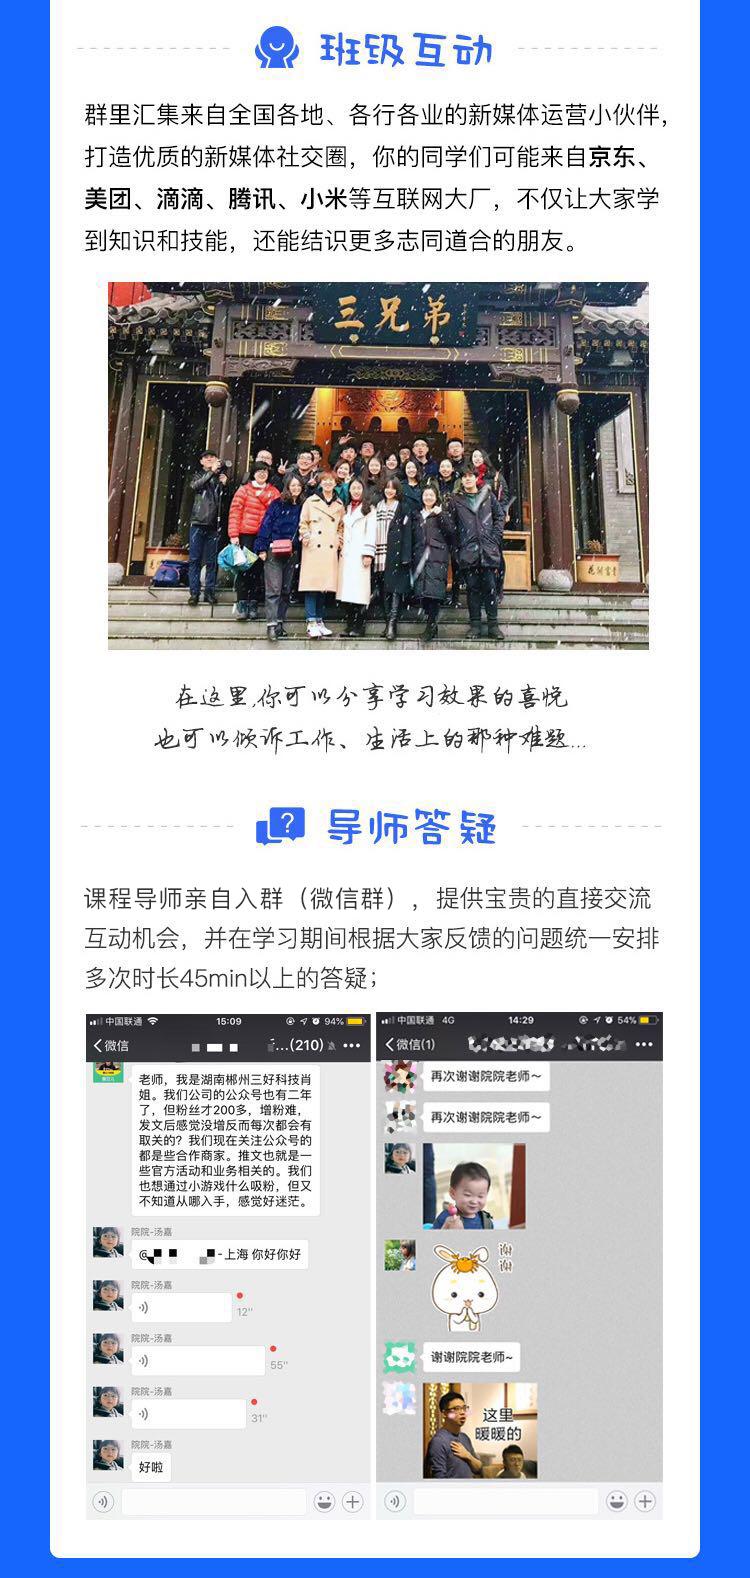 http://mtedu-img.oss-cn-beijing-internal.aliyuncs.com/ueditor/20190829145319_901471.jpg